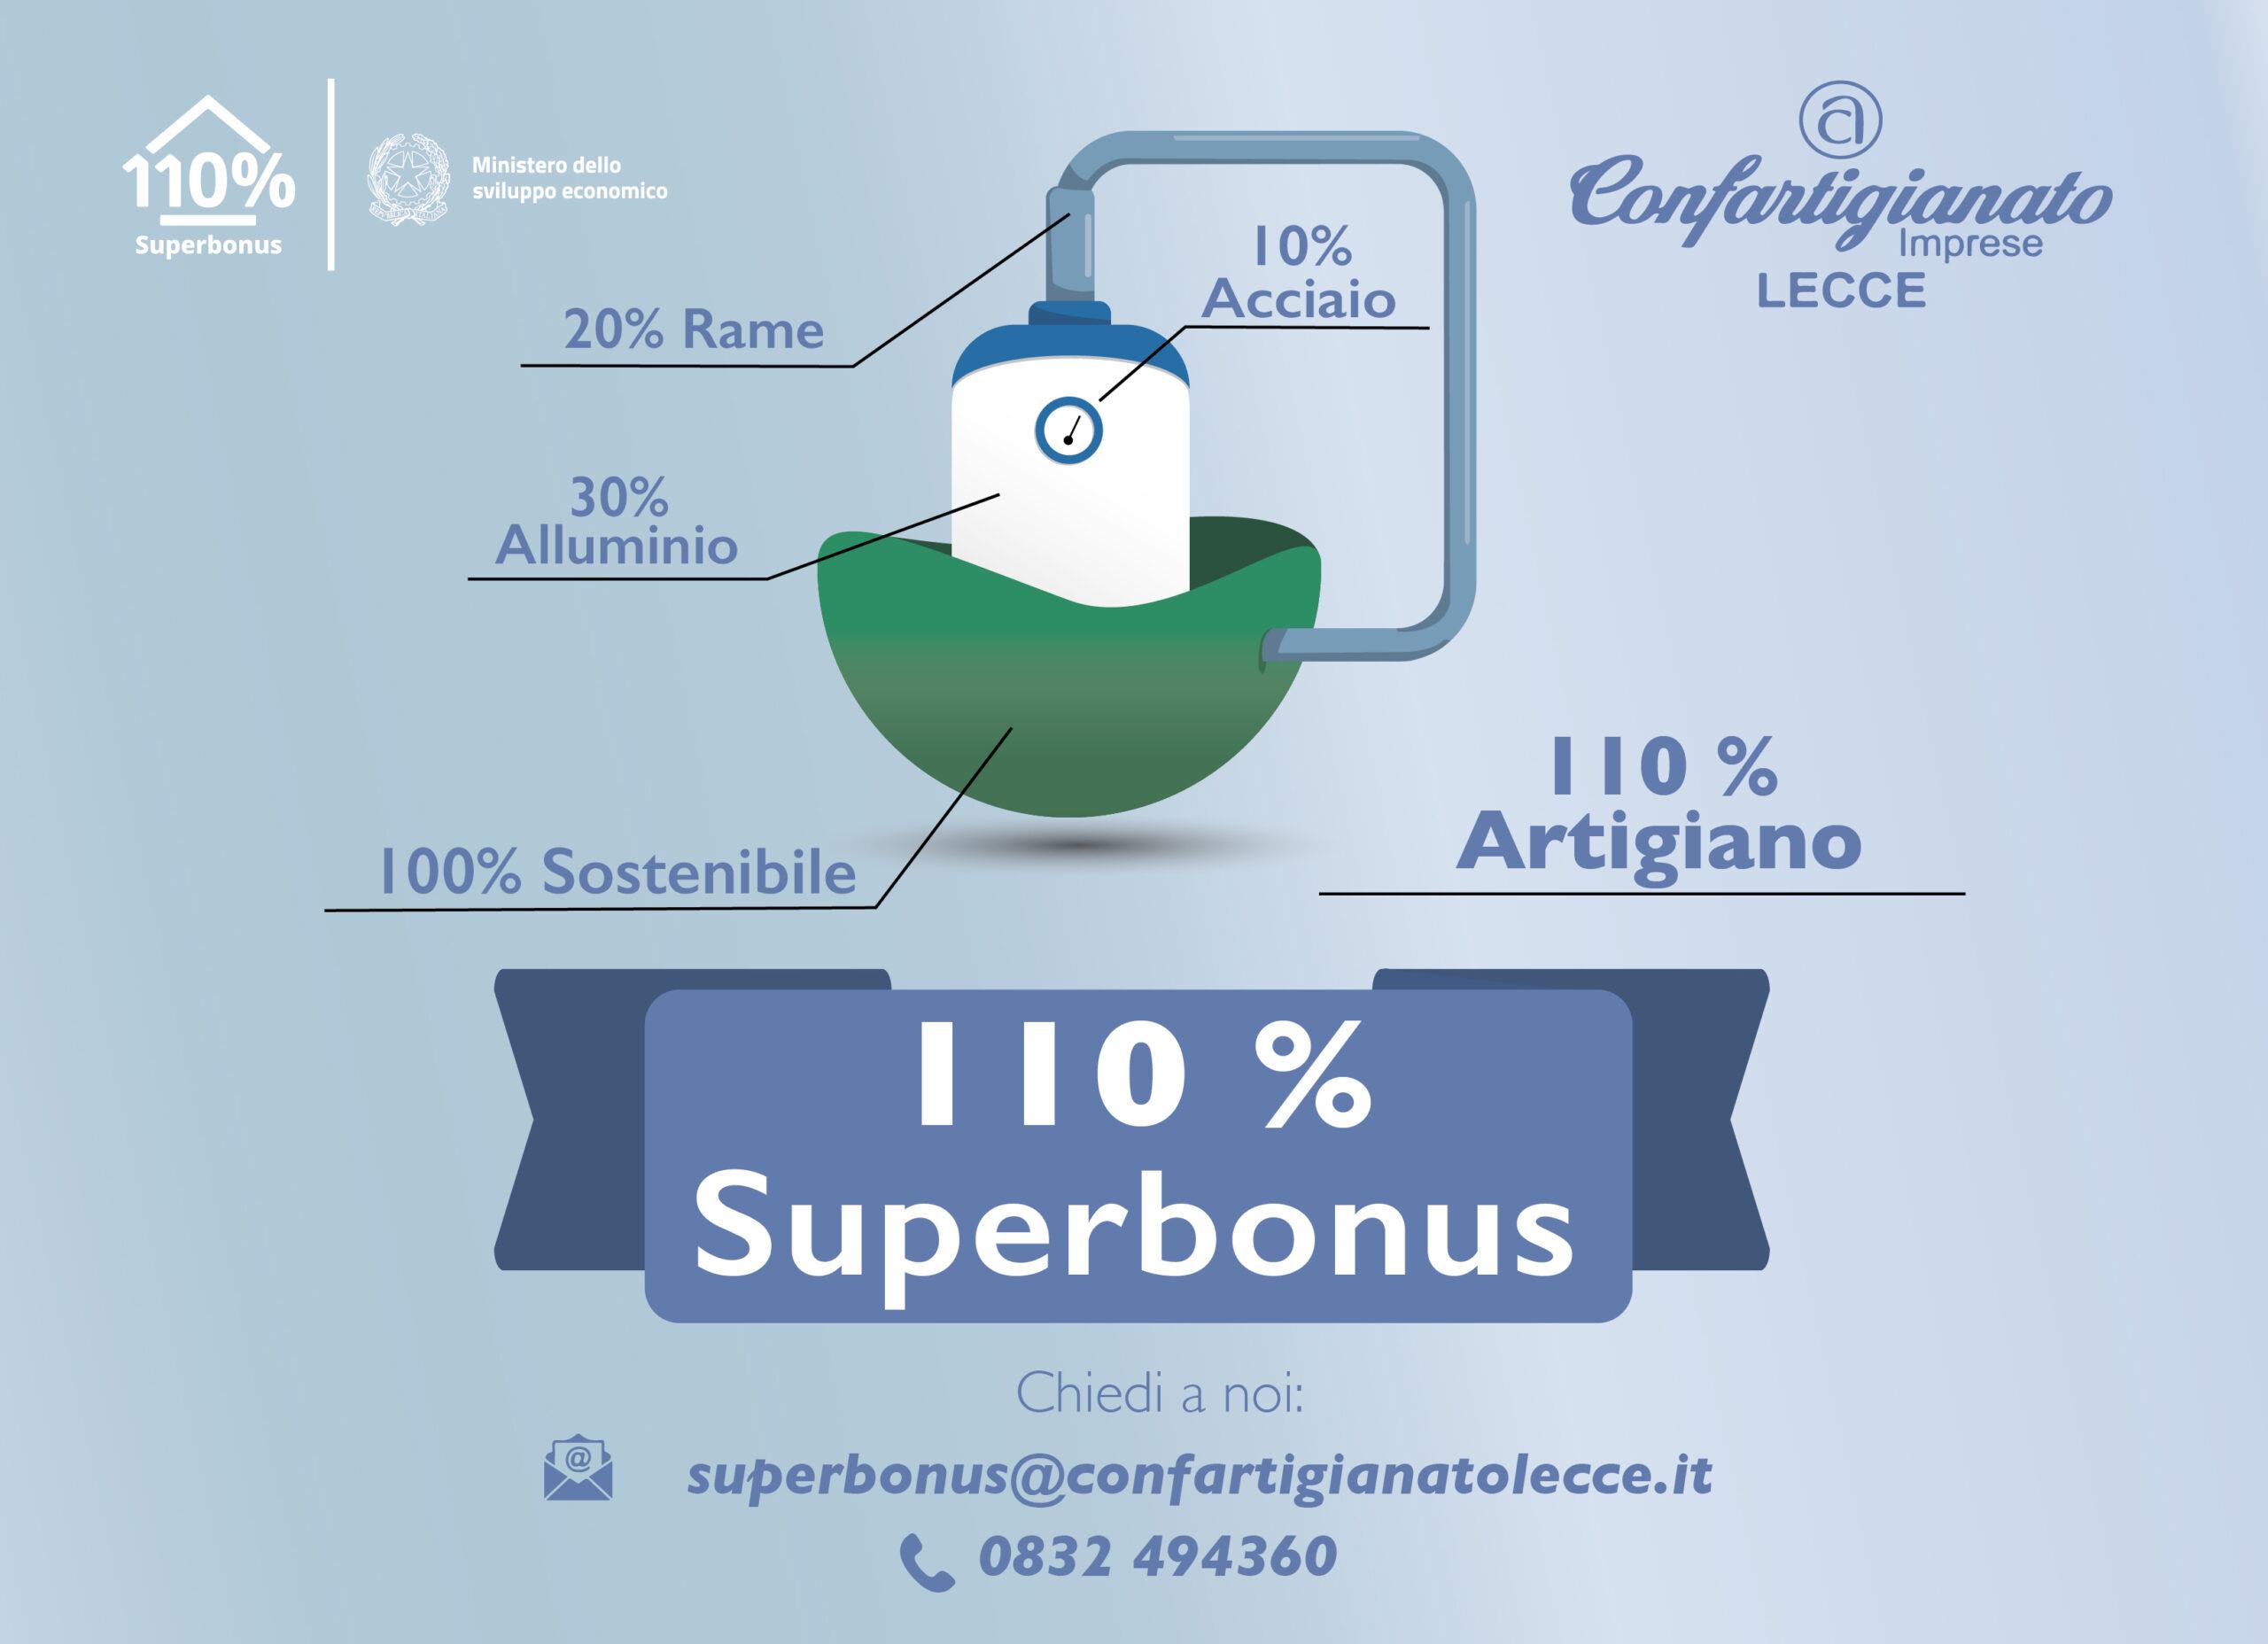 Superbonus 110% sportello